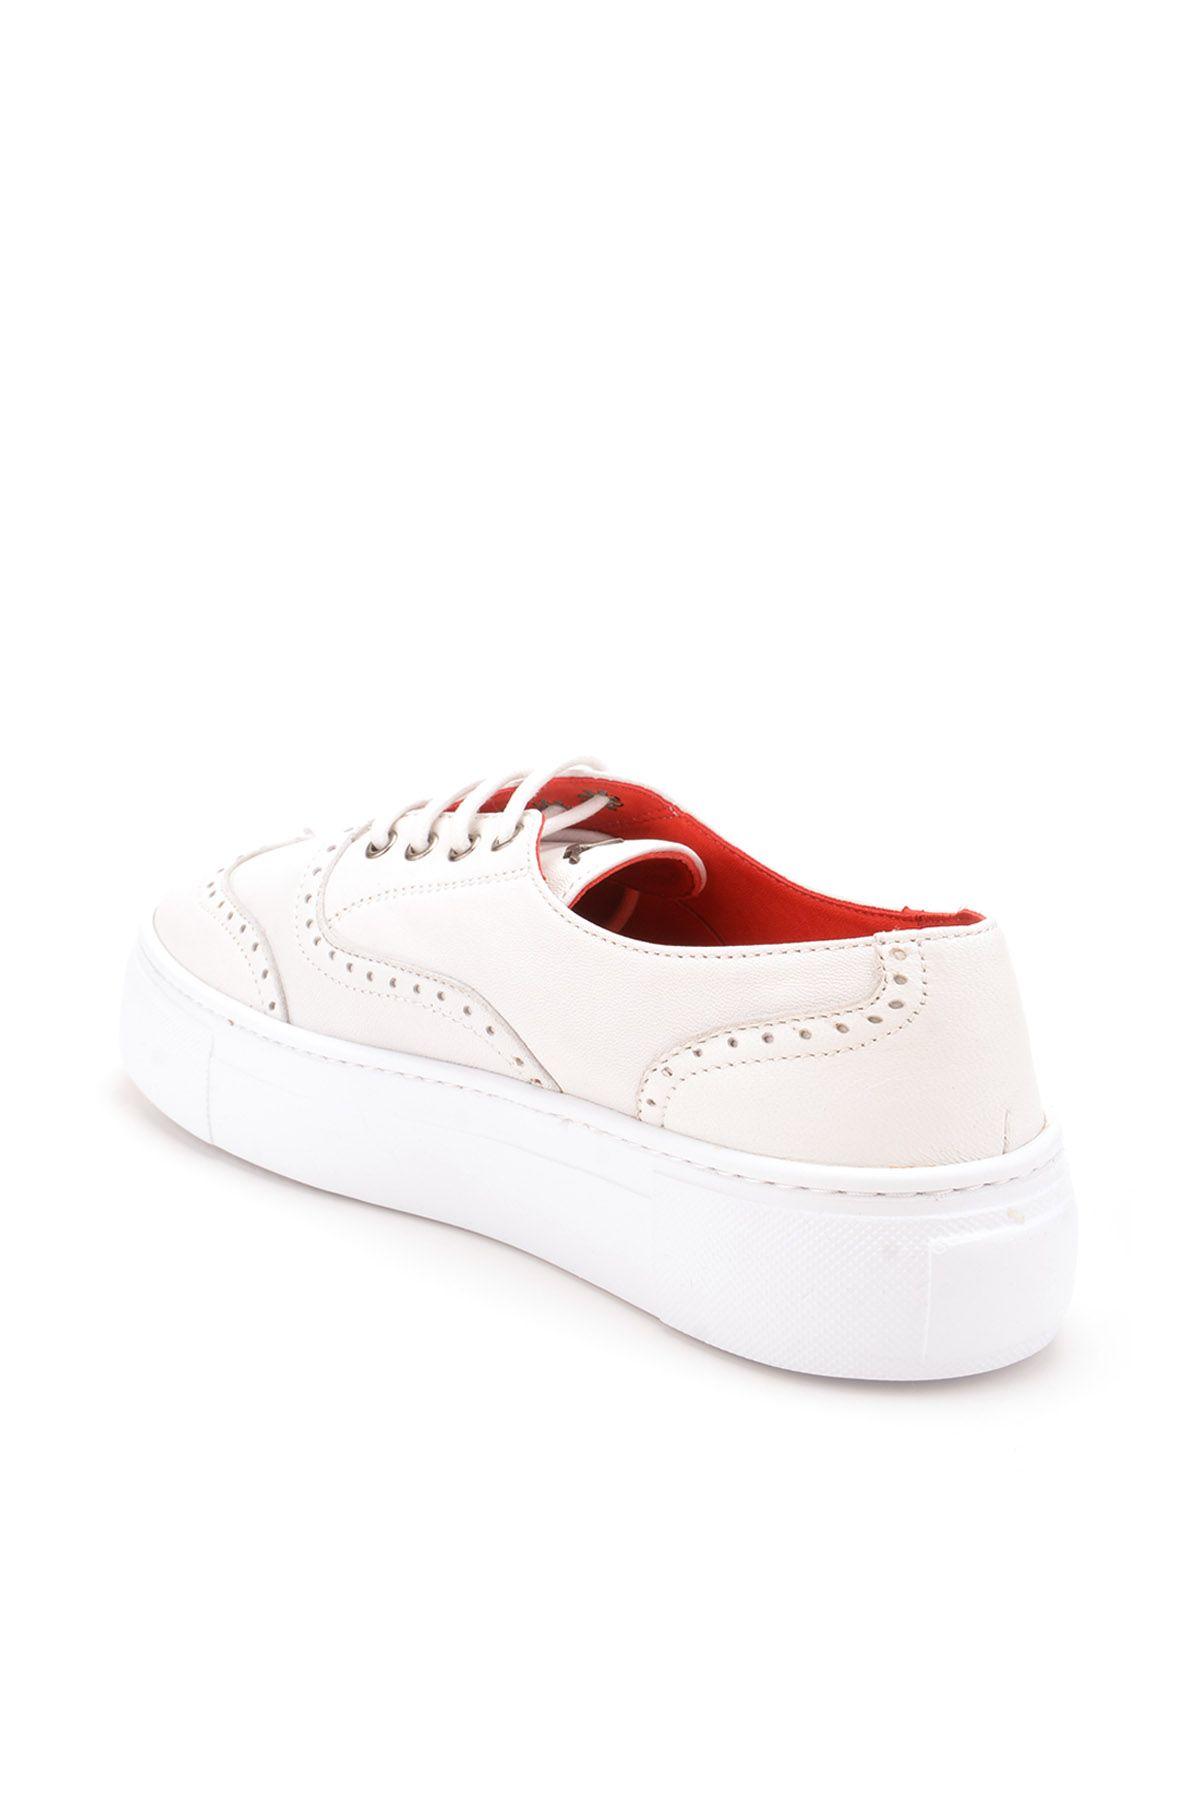 Pegia Chatalet Hakiki Deri Bayan Oxford Ayakkabı REC-014 Beyaz